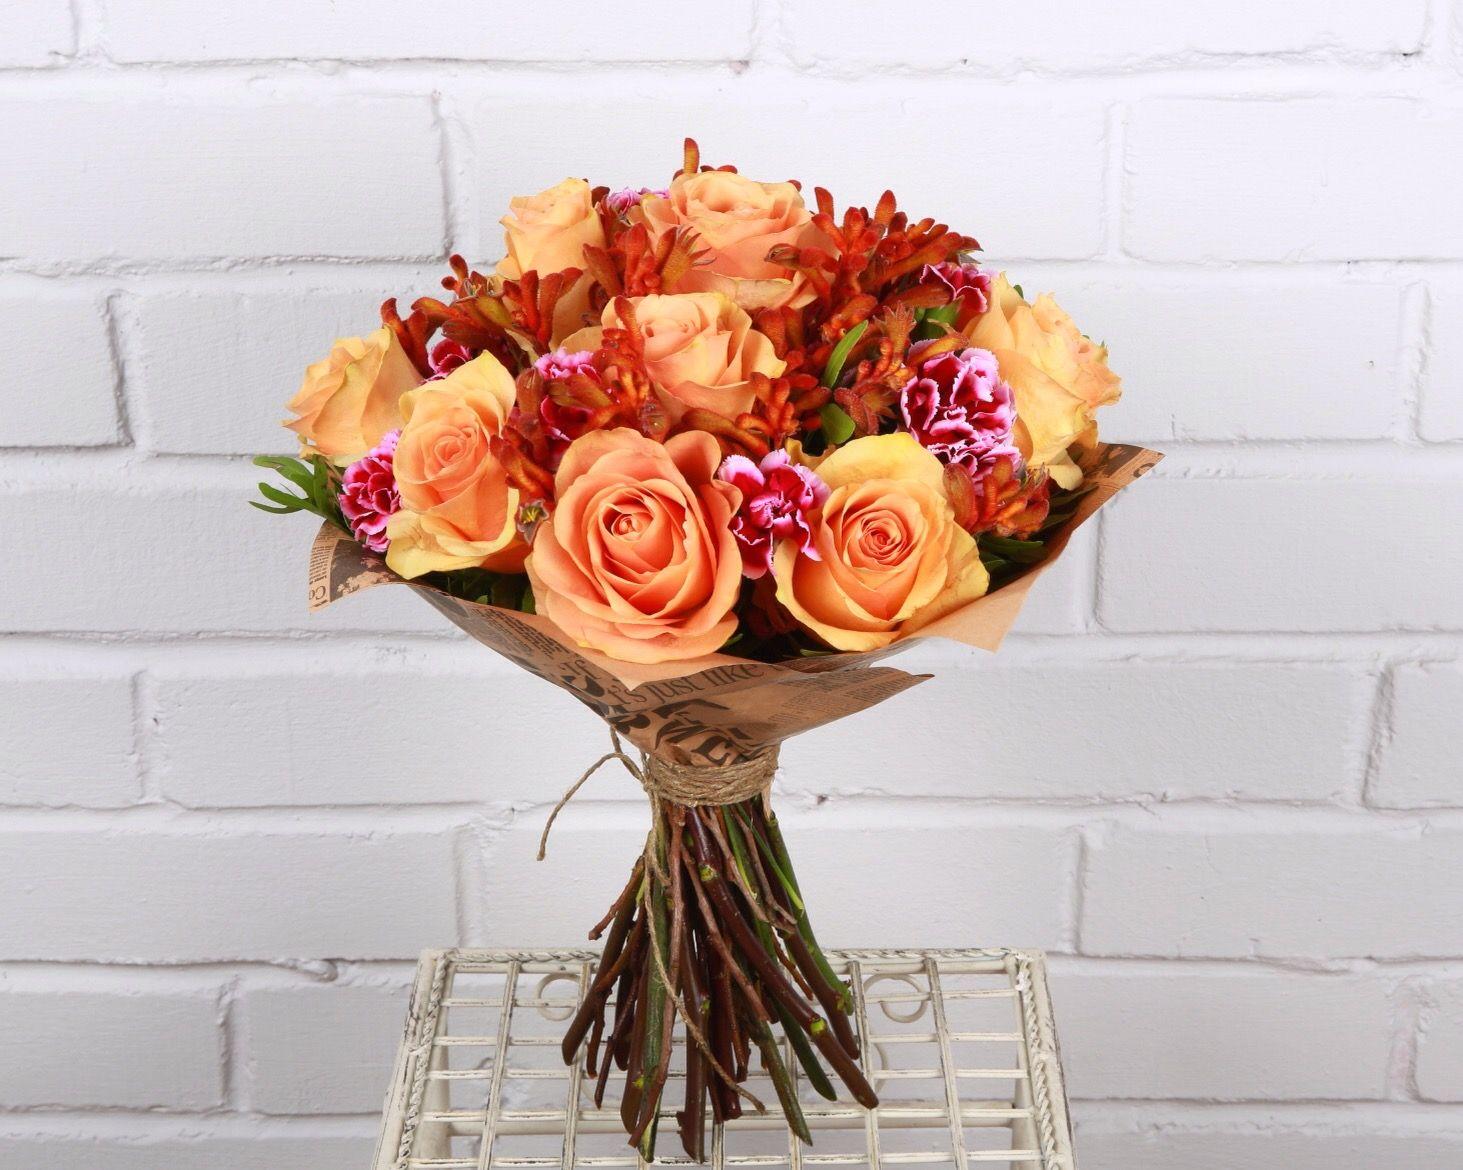 Купить цветы оптом алматы 2016 заказ цветов с доставкой в королеве